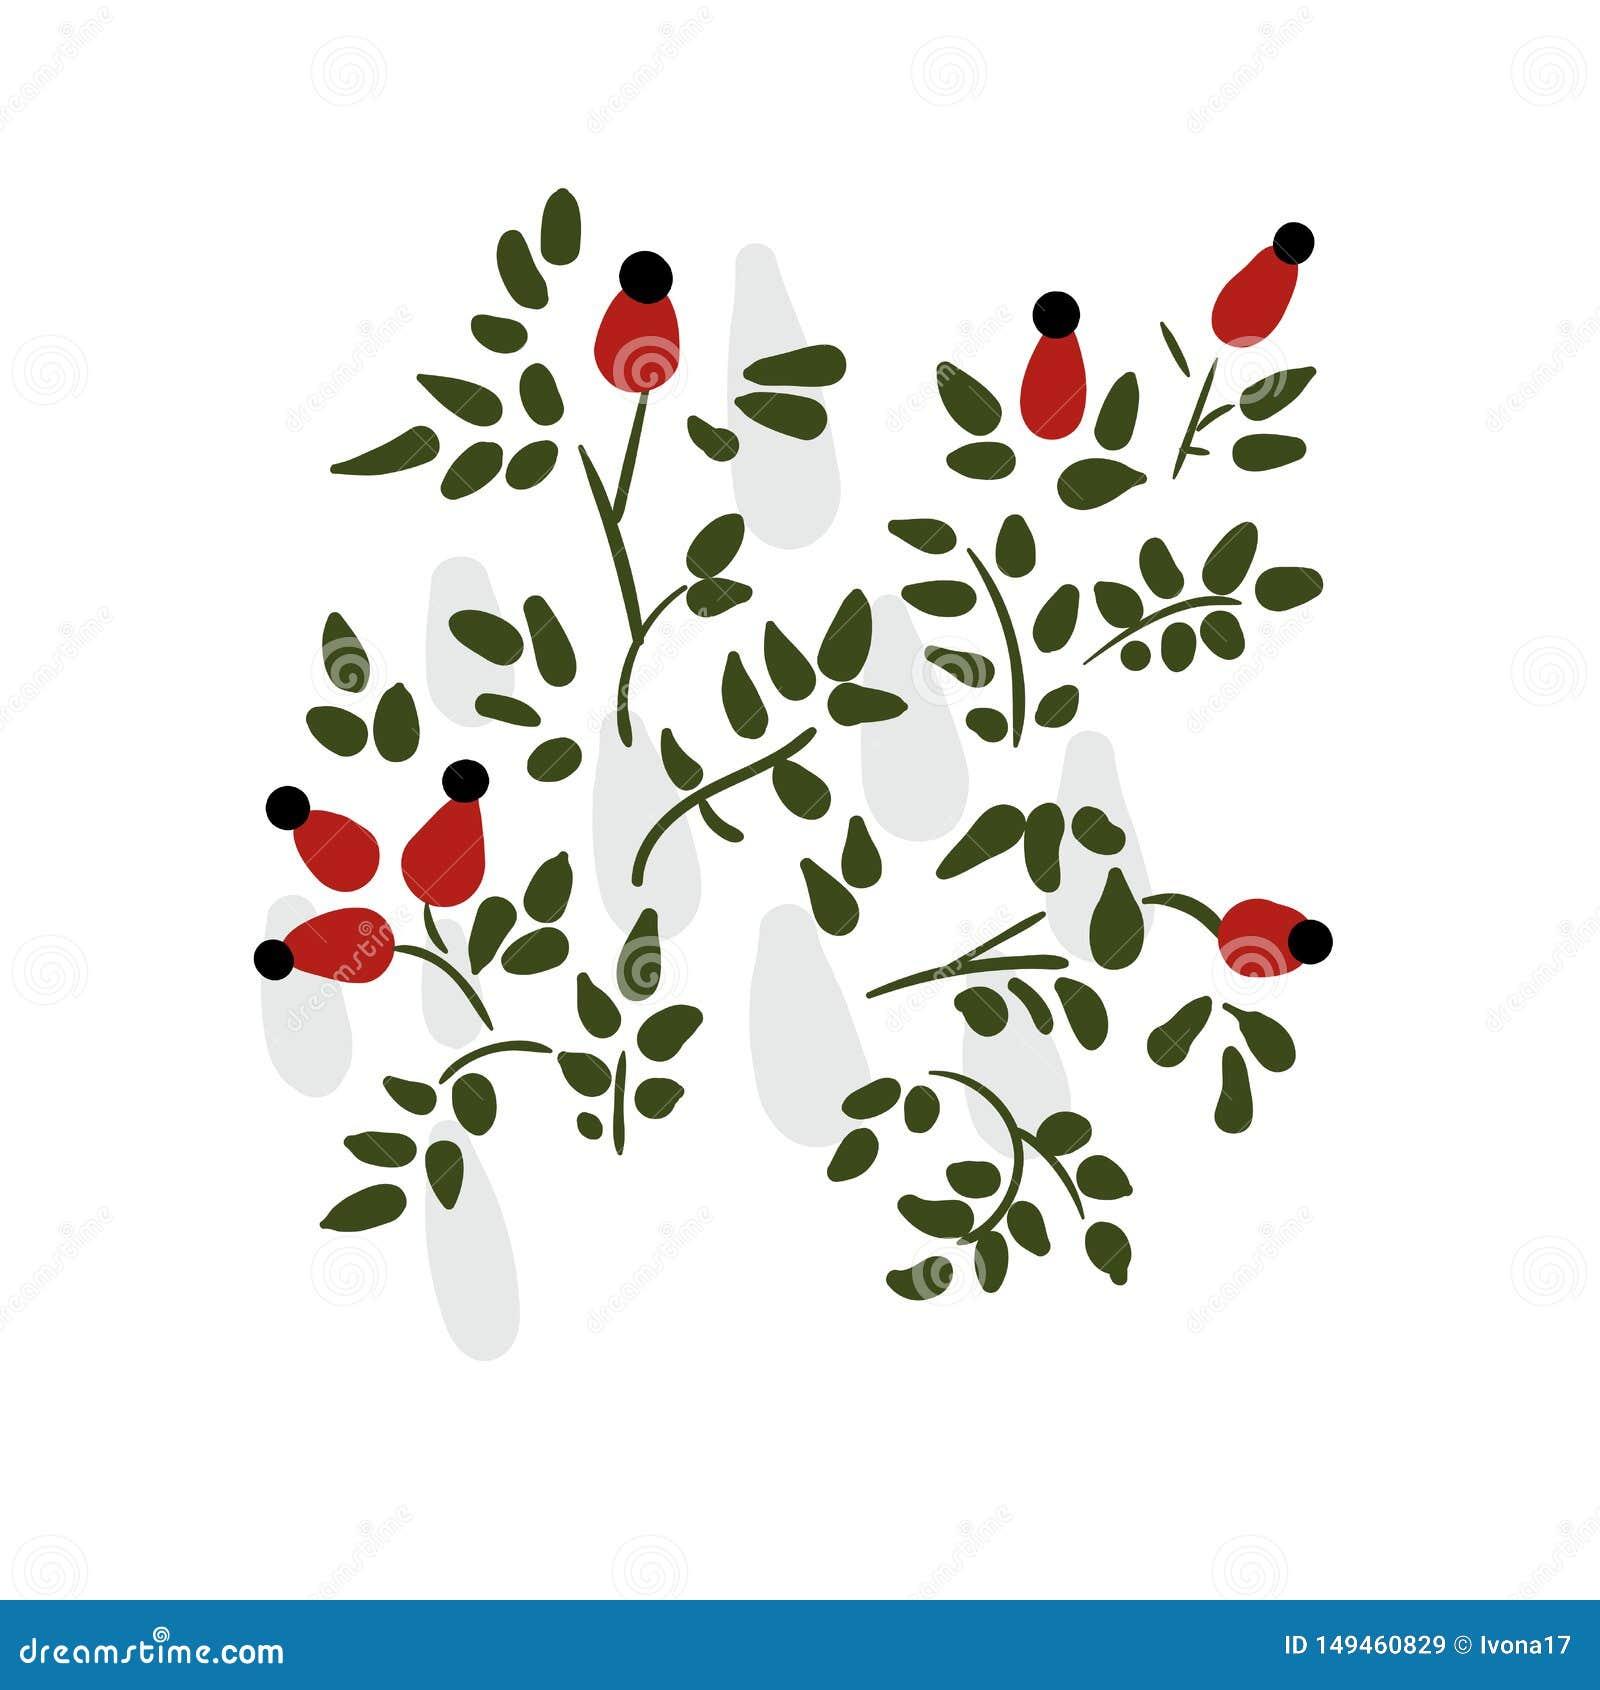 Hund stieg ursprünglicher Skandinavier des Blumenkartenvektorblumenmuster-Elements